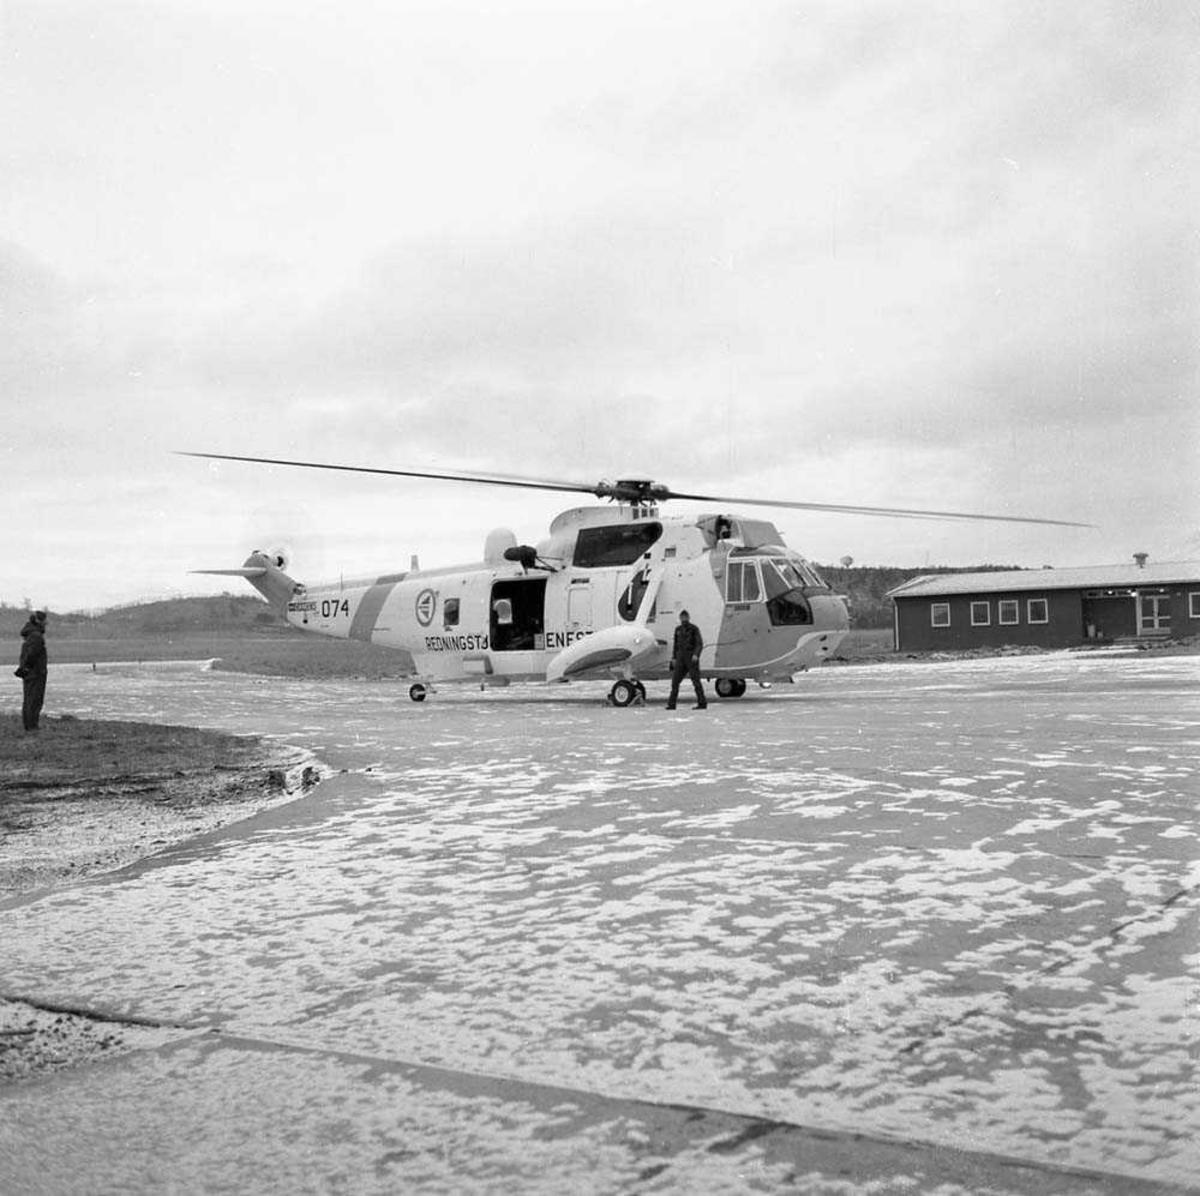 Redningshelikopter Sea King, nr. 074, tilhørende 330 skvadron på Bodø flystasjon.